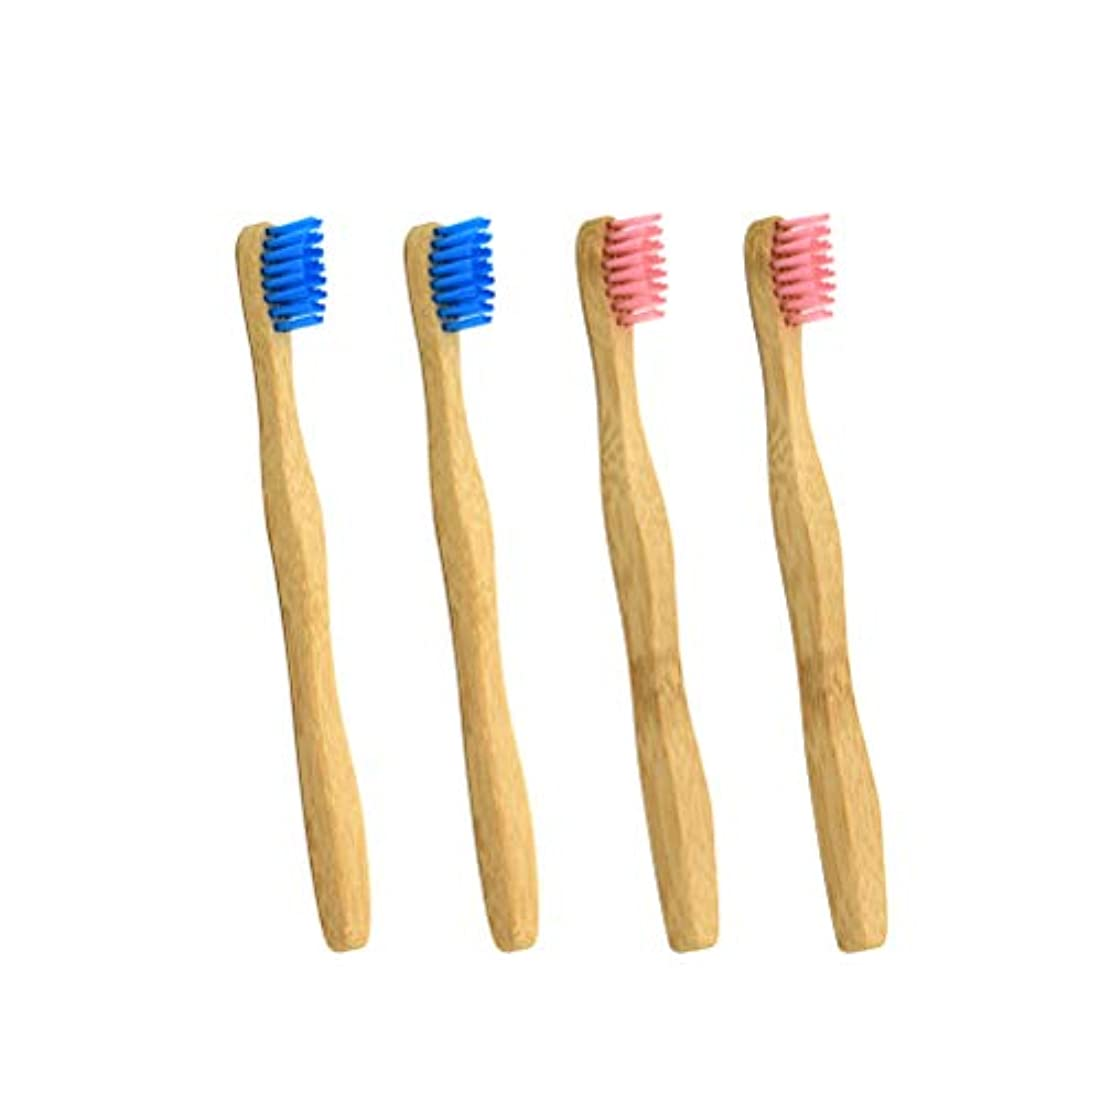 潜水艦シンプトン実業家Healifty 歯ブラシ抗細菌キッズ歯ブラシ4本(ピンクとブルー各2本)